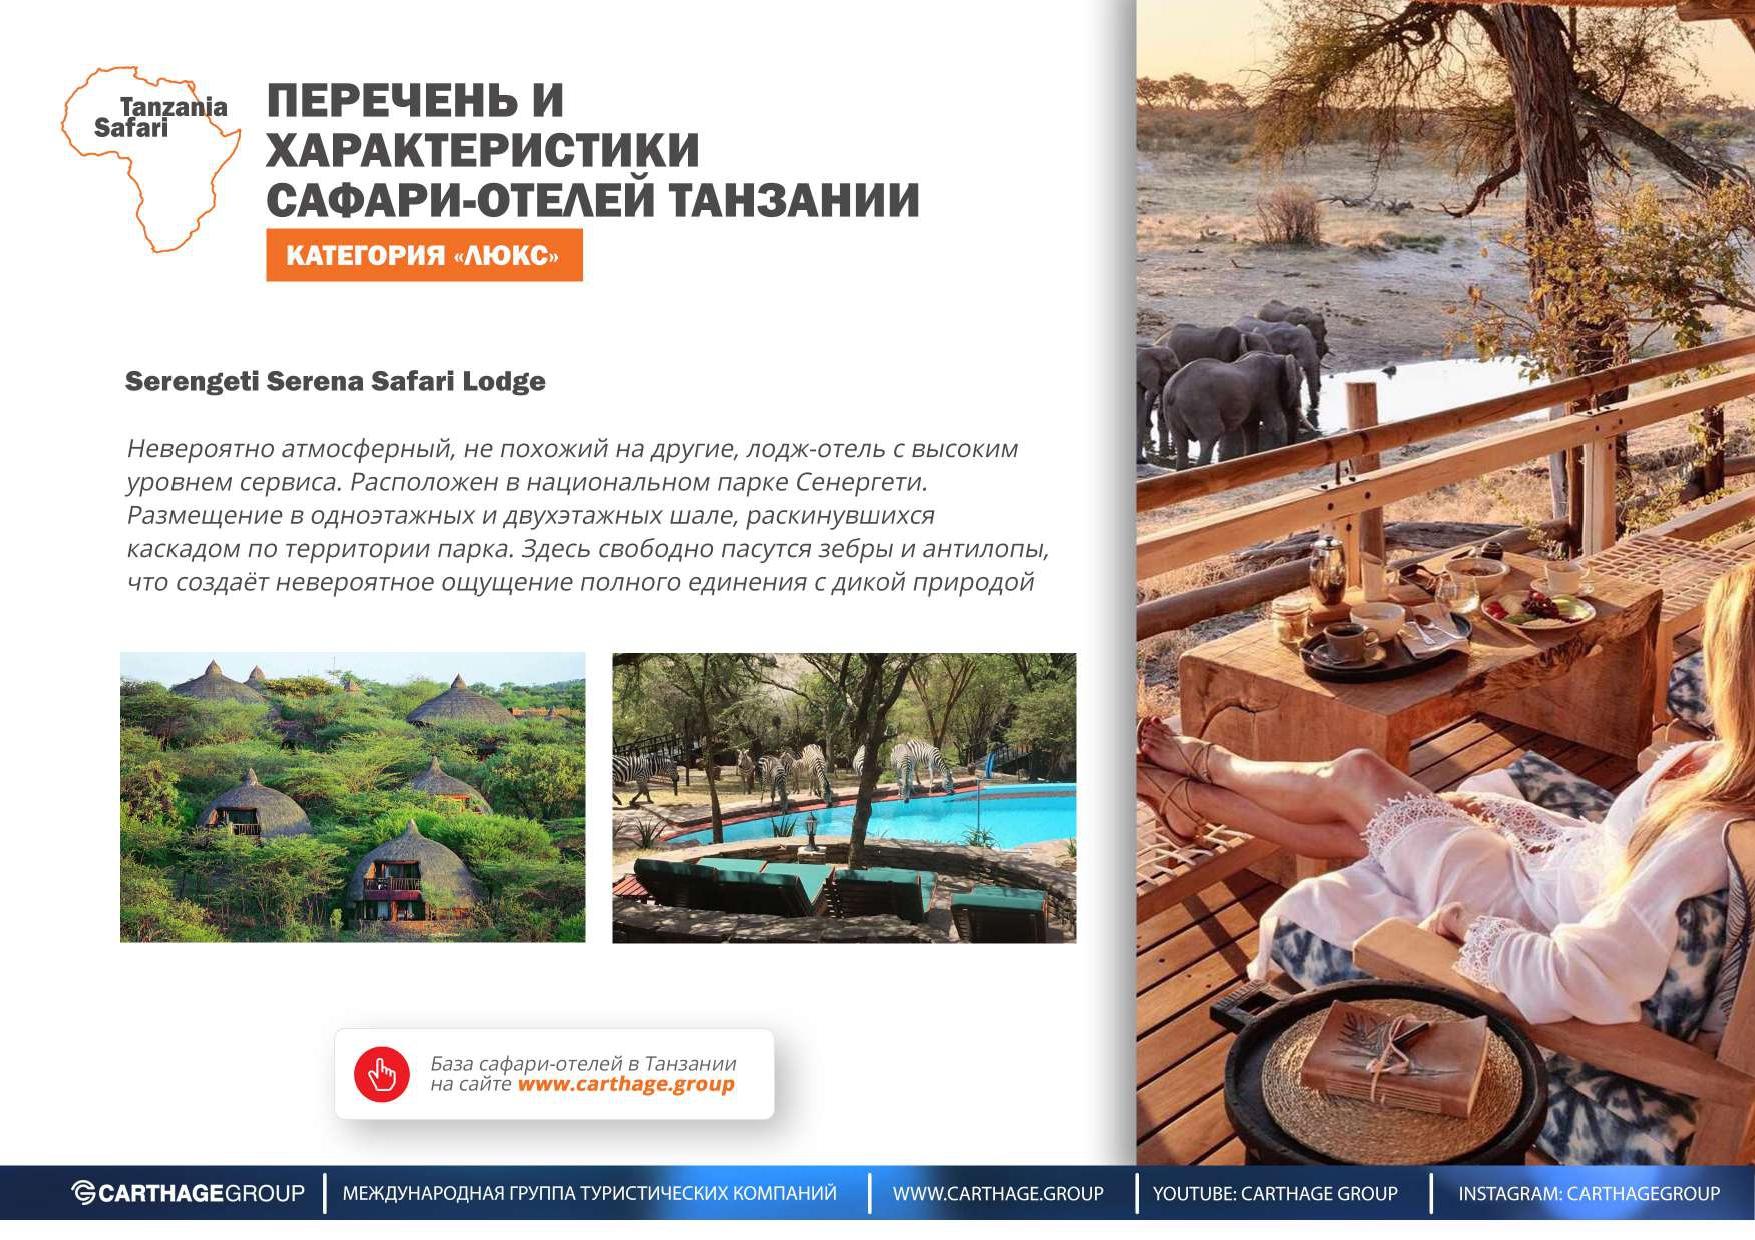 Танзания_2020_-_1_декабря - с ссылками_page-0027